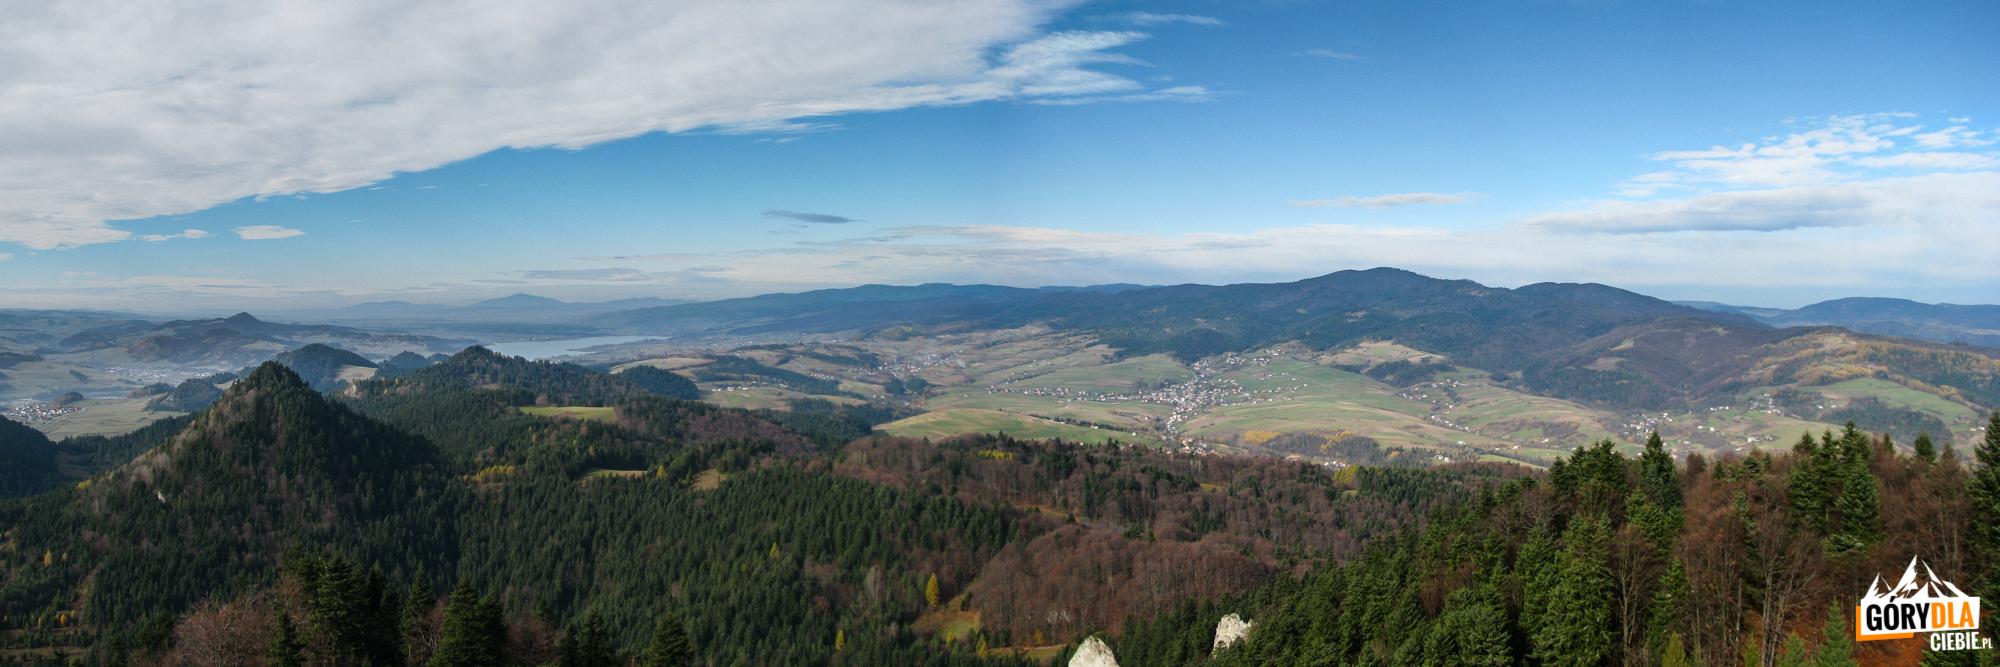 Panorama zTrzech Koron (982 m) naJezioro Czorsztyńskie natle Pilska iBabiej Góry, dalej masyw Gorców zLubaniem (1225 m)